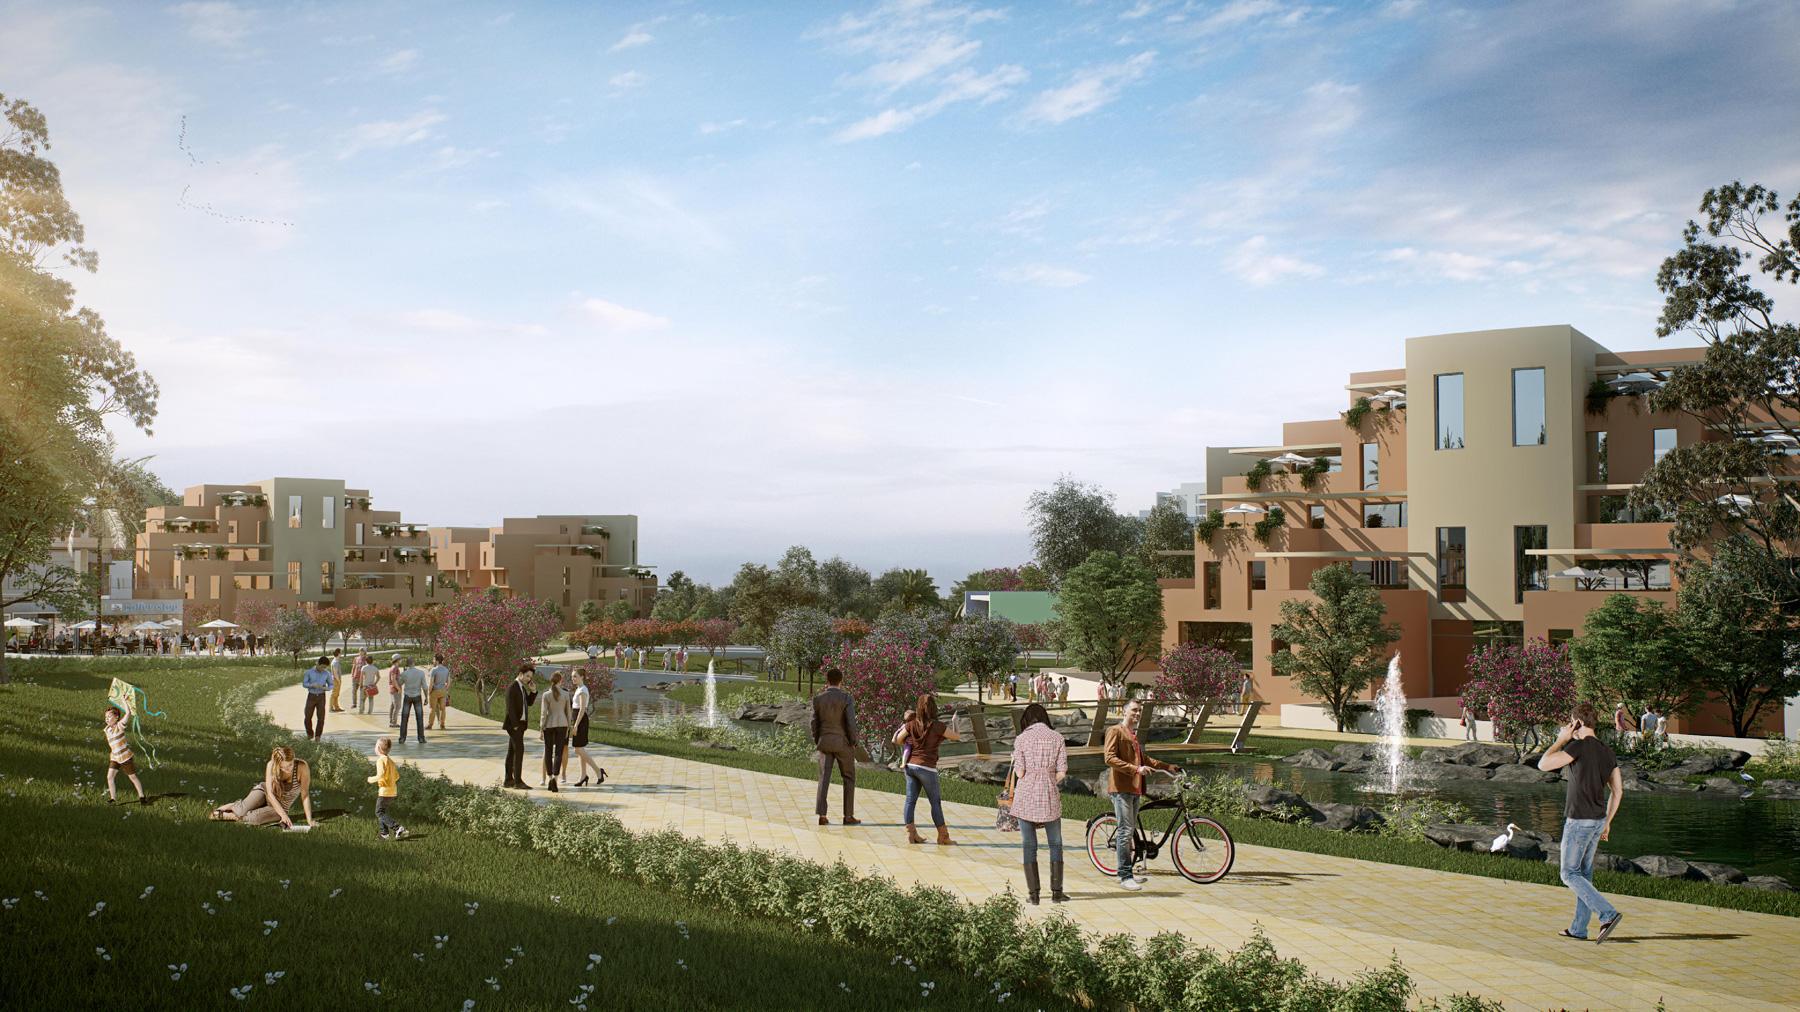 מפגש 10: עירוניות וקהילתיות בשלב התב״ע / לייטרסדורף בן דיין אדריכלים